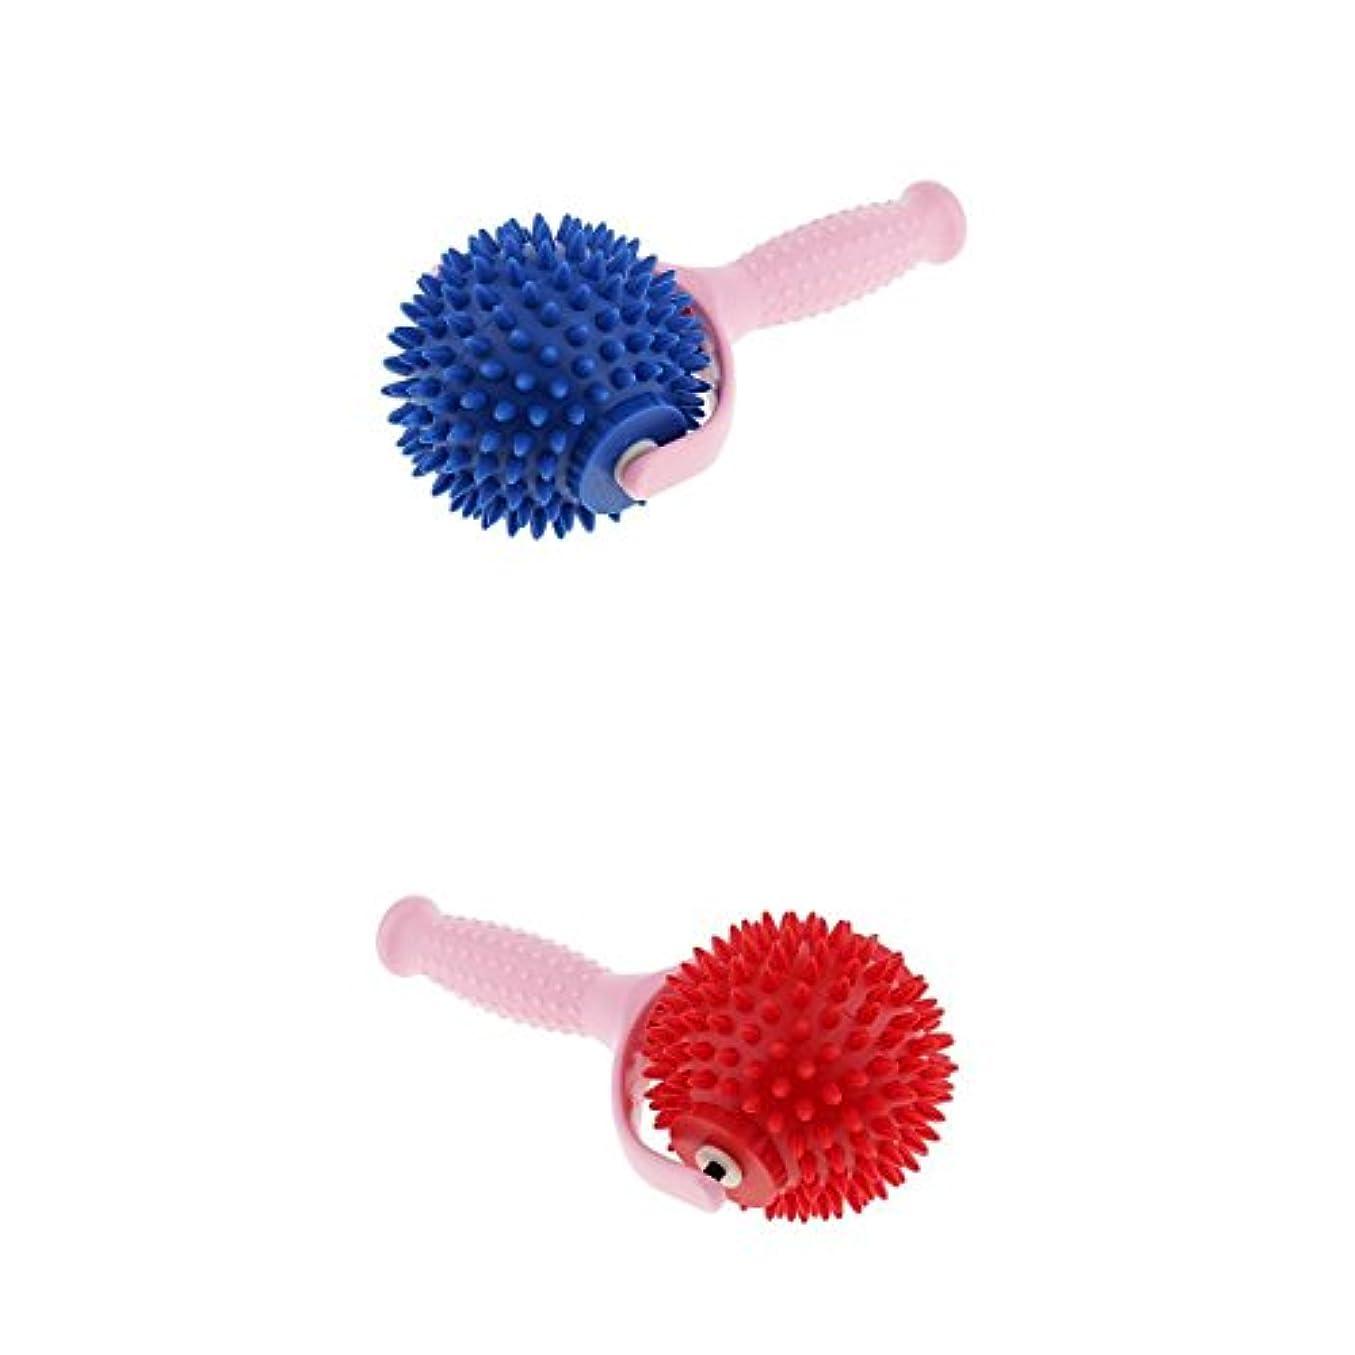 結核どこ店員Perfk マッサージボール 手持ち式 2個セット 筋膜リリース 伝統的 鍼療法 PVCプラスチック